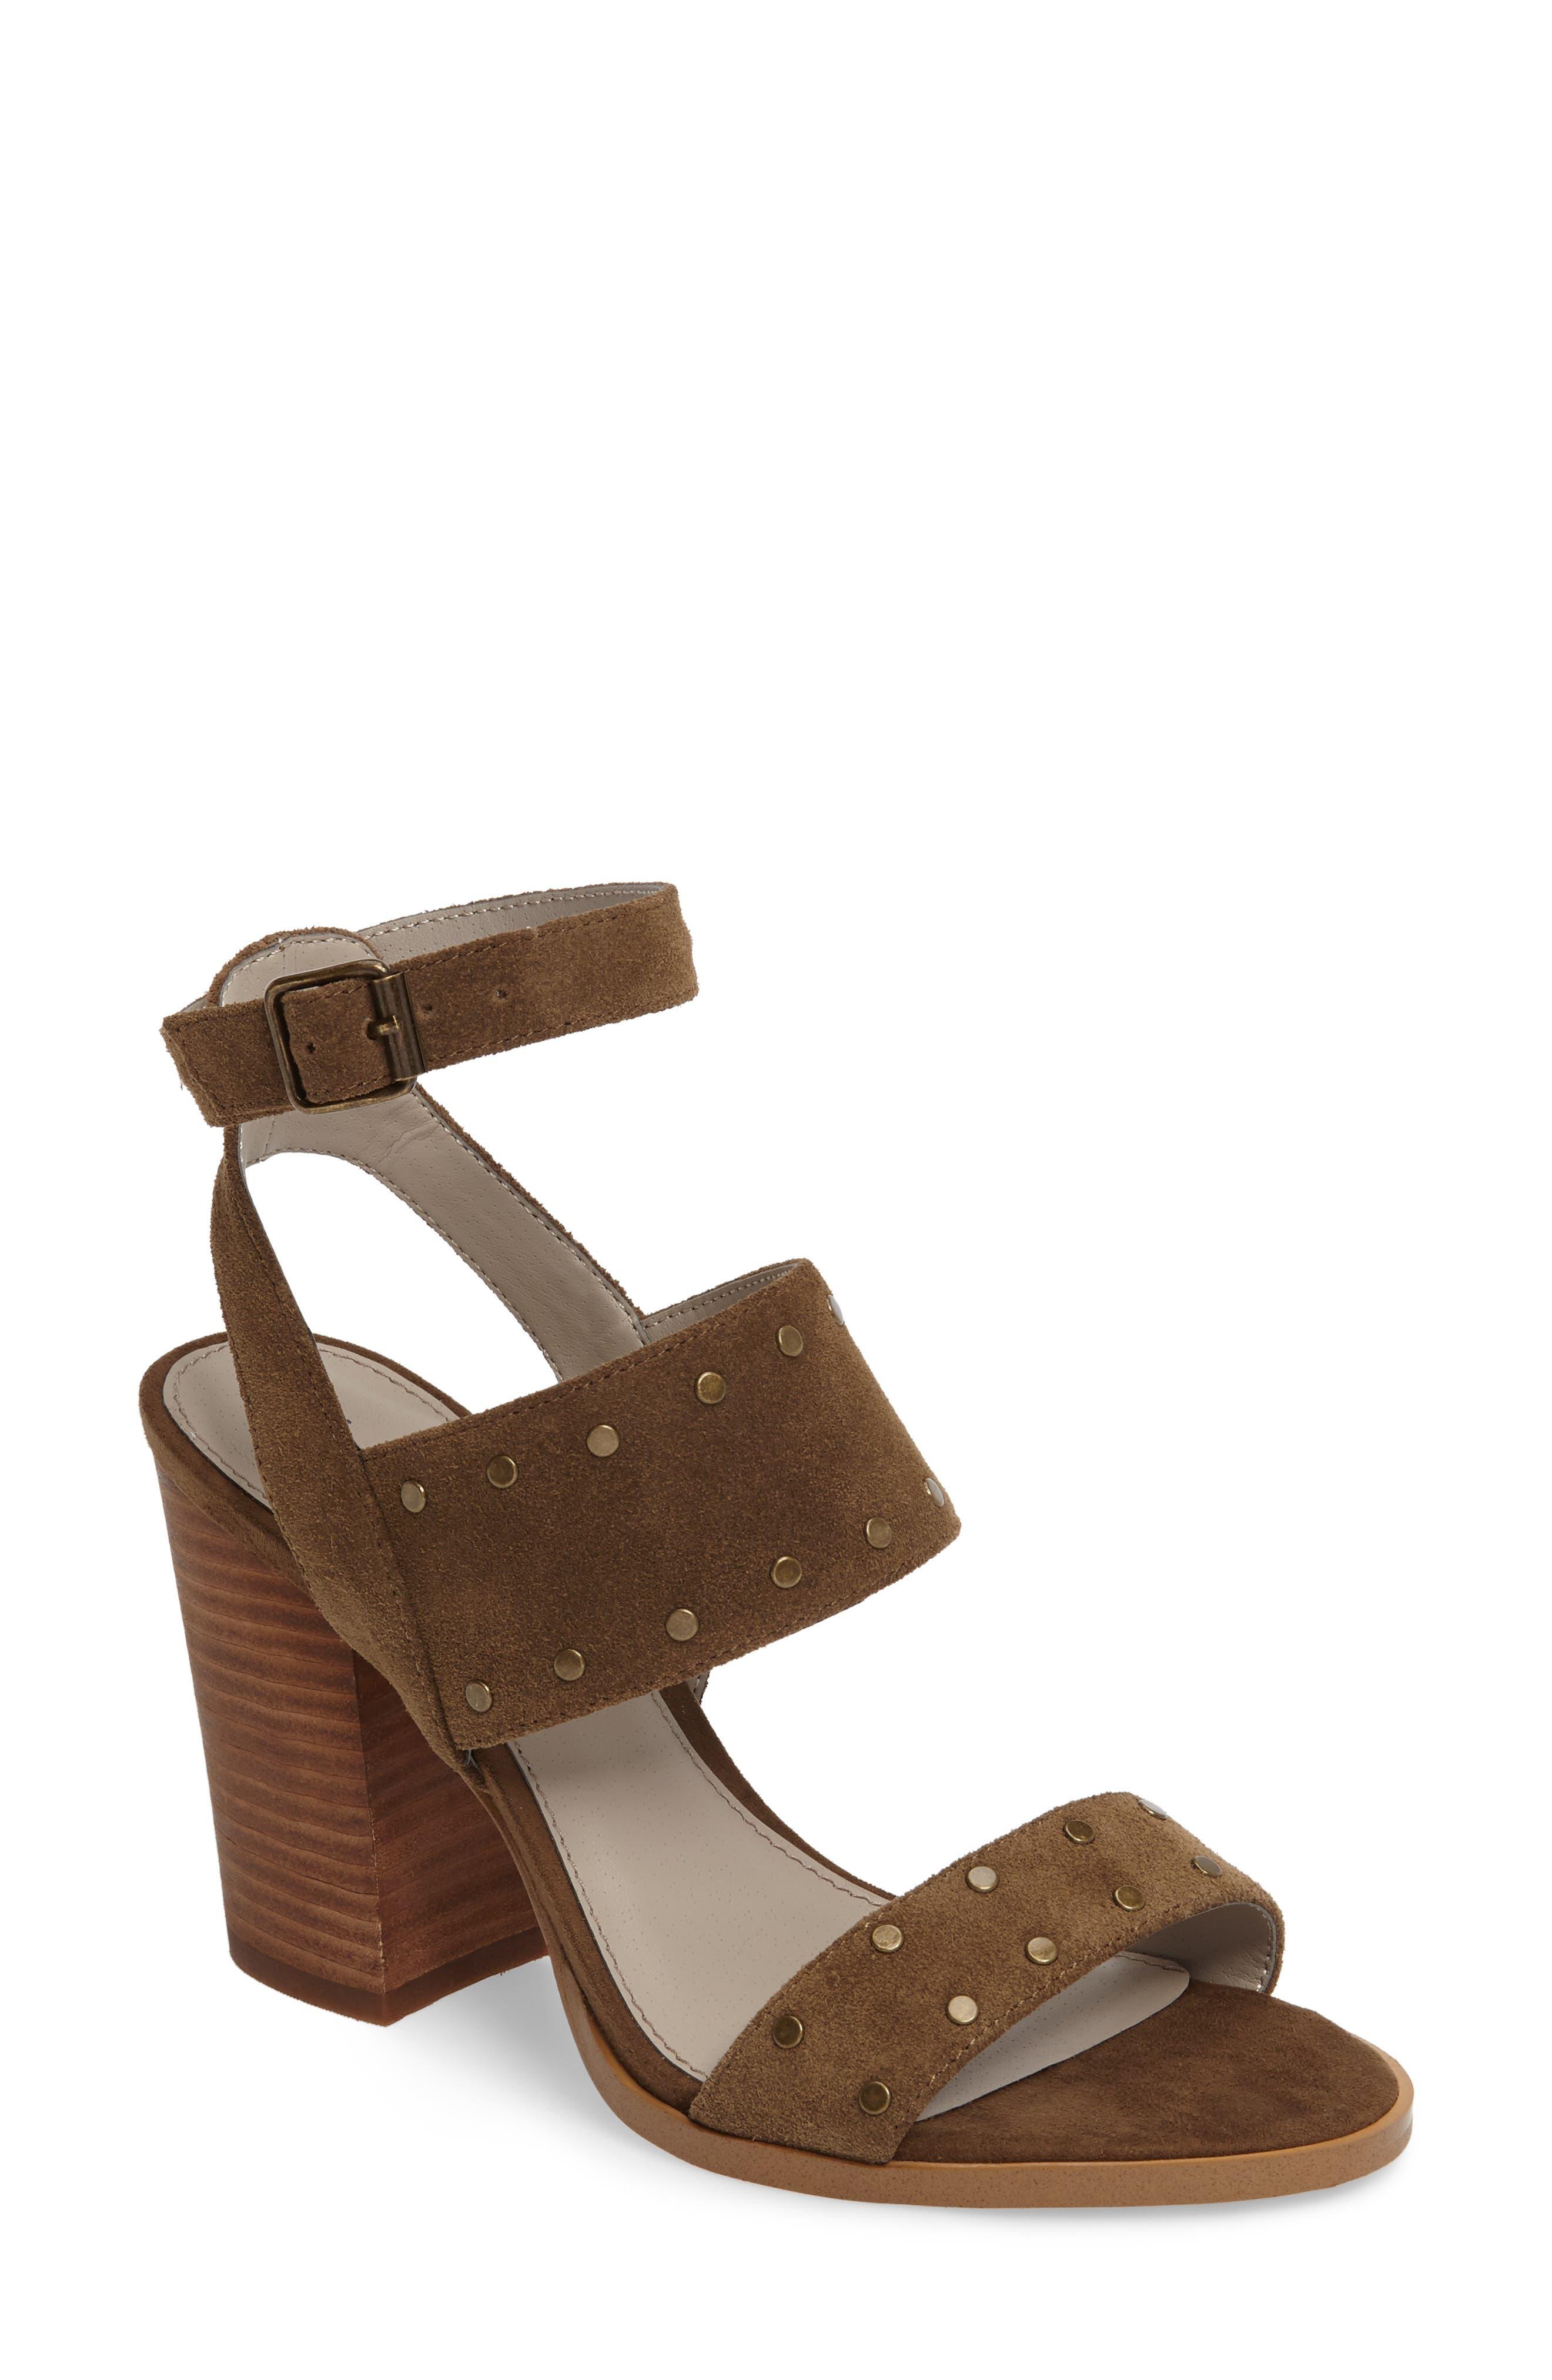 Alternate Image 1 Selected - Hinge Corrine Ankle Strap Sandal (Women)